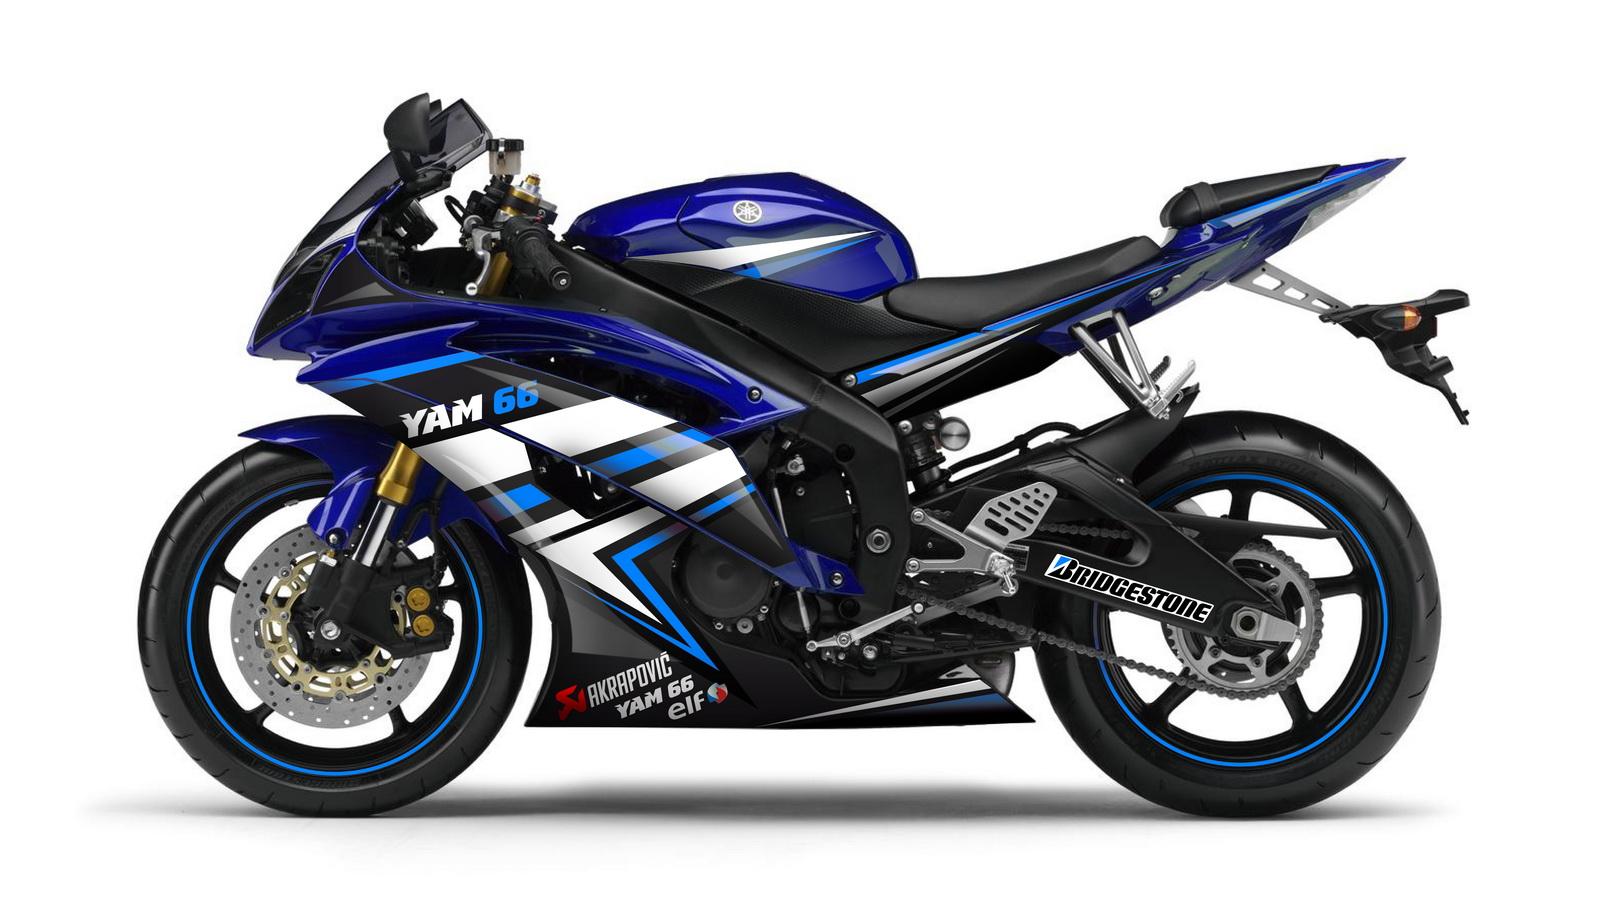 Kit déco client pour Yamaha R6 \u2013 Concessionnaire YAM66